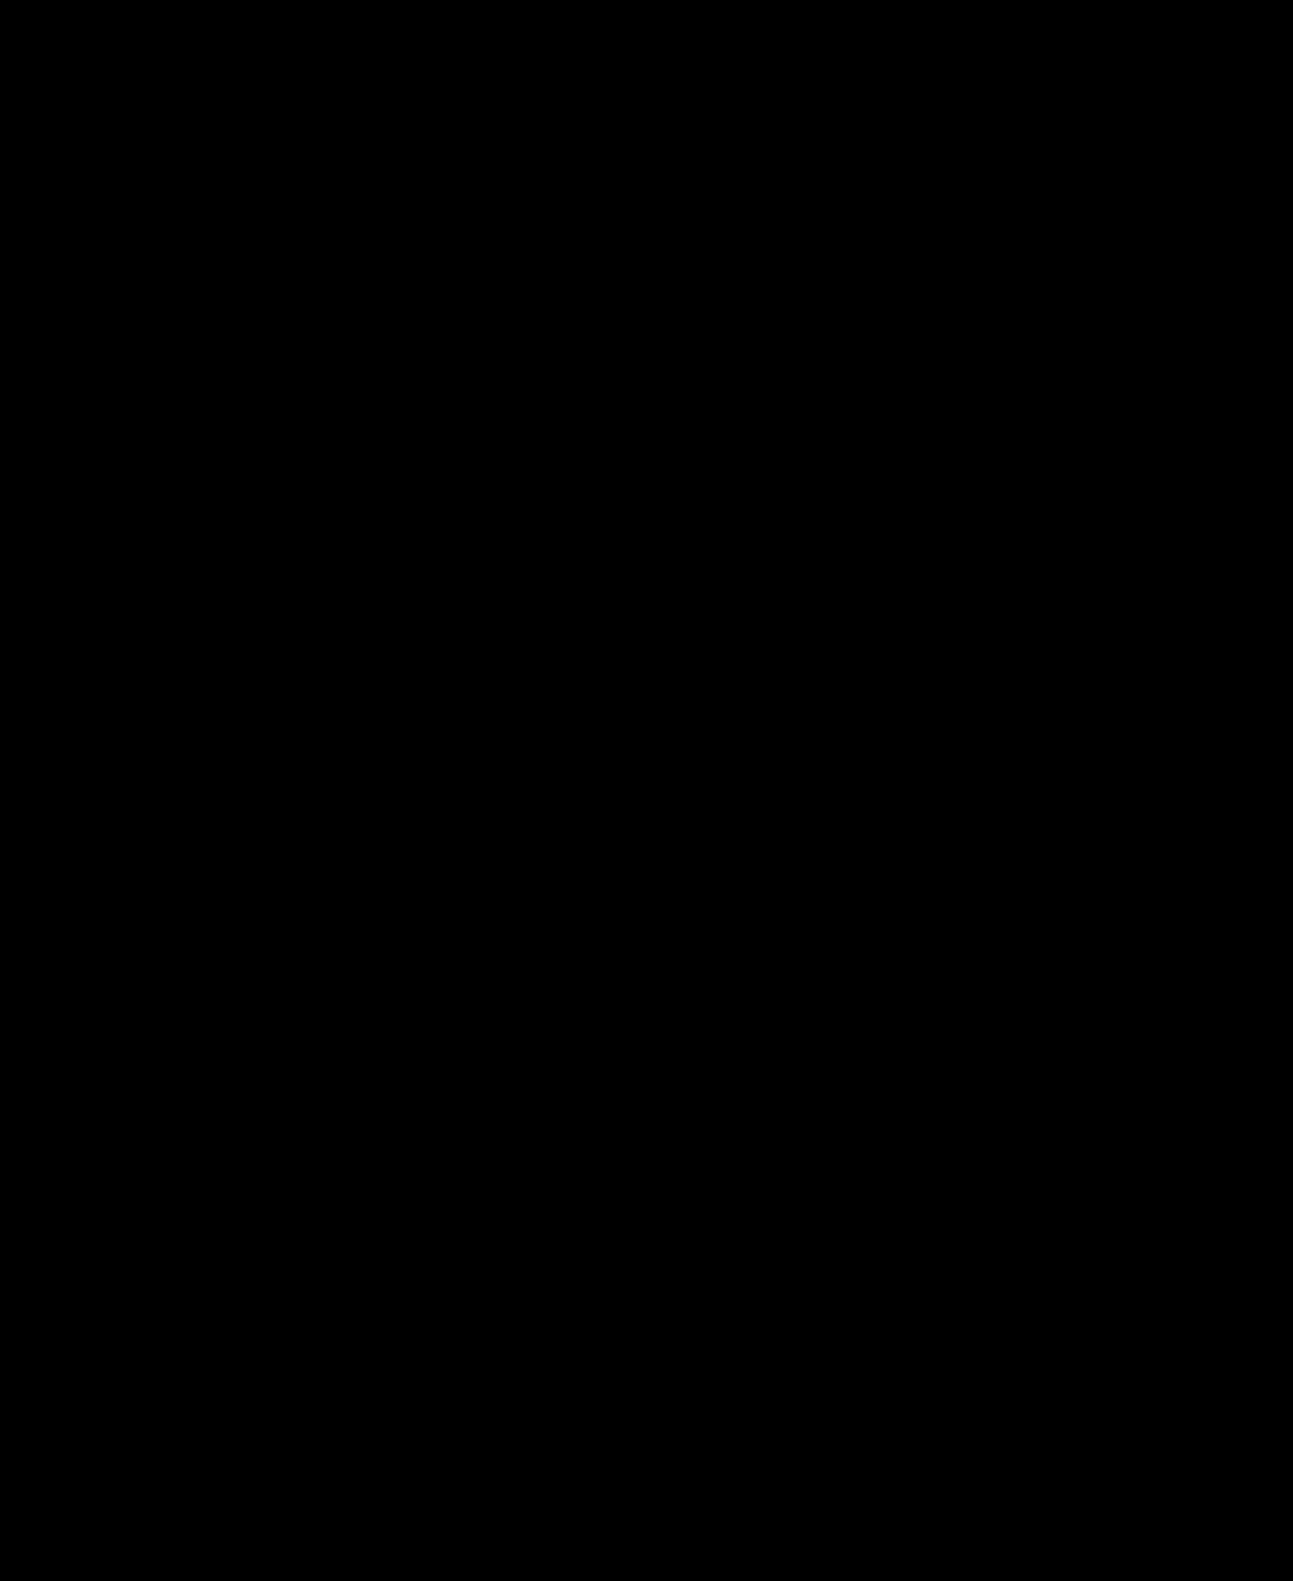 merryportrait4